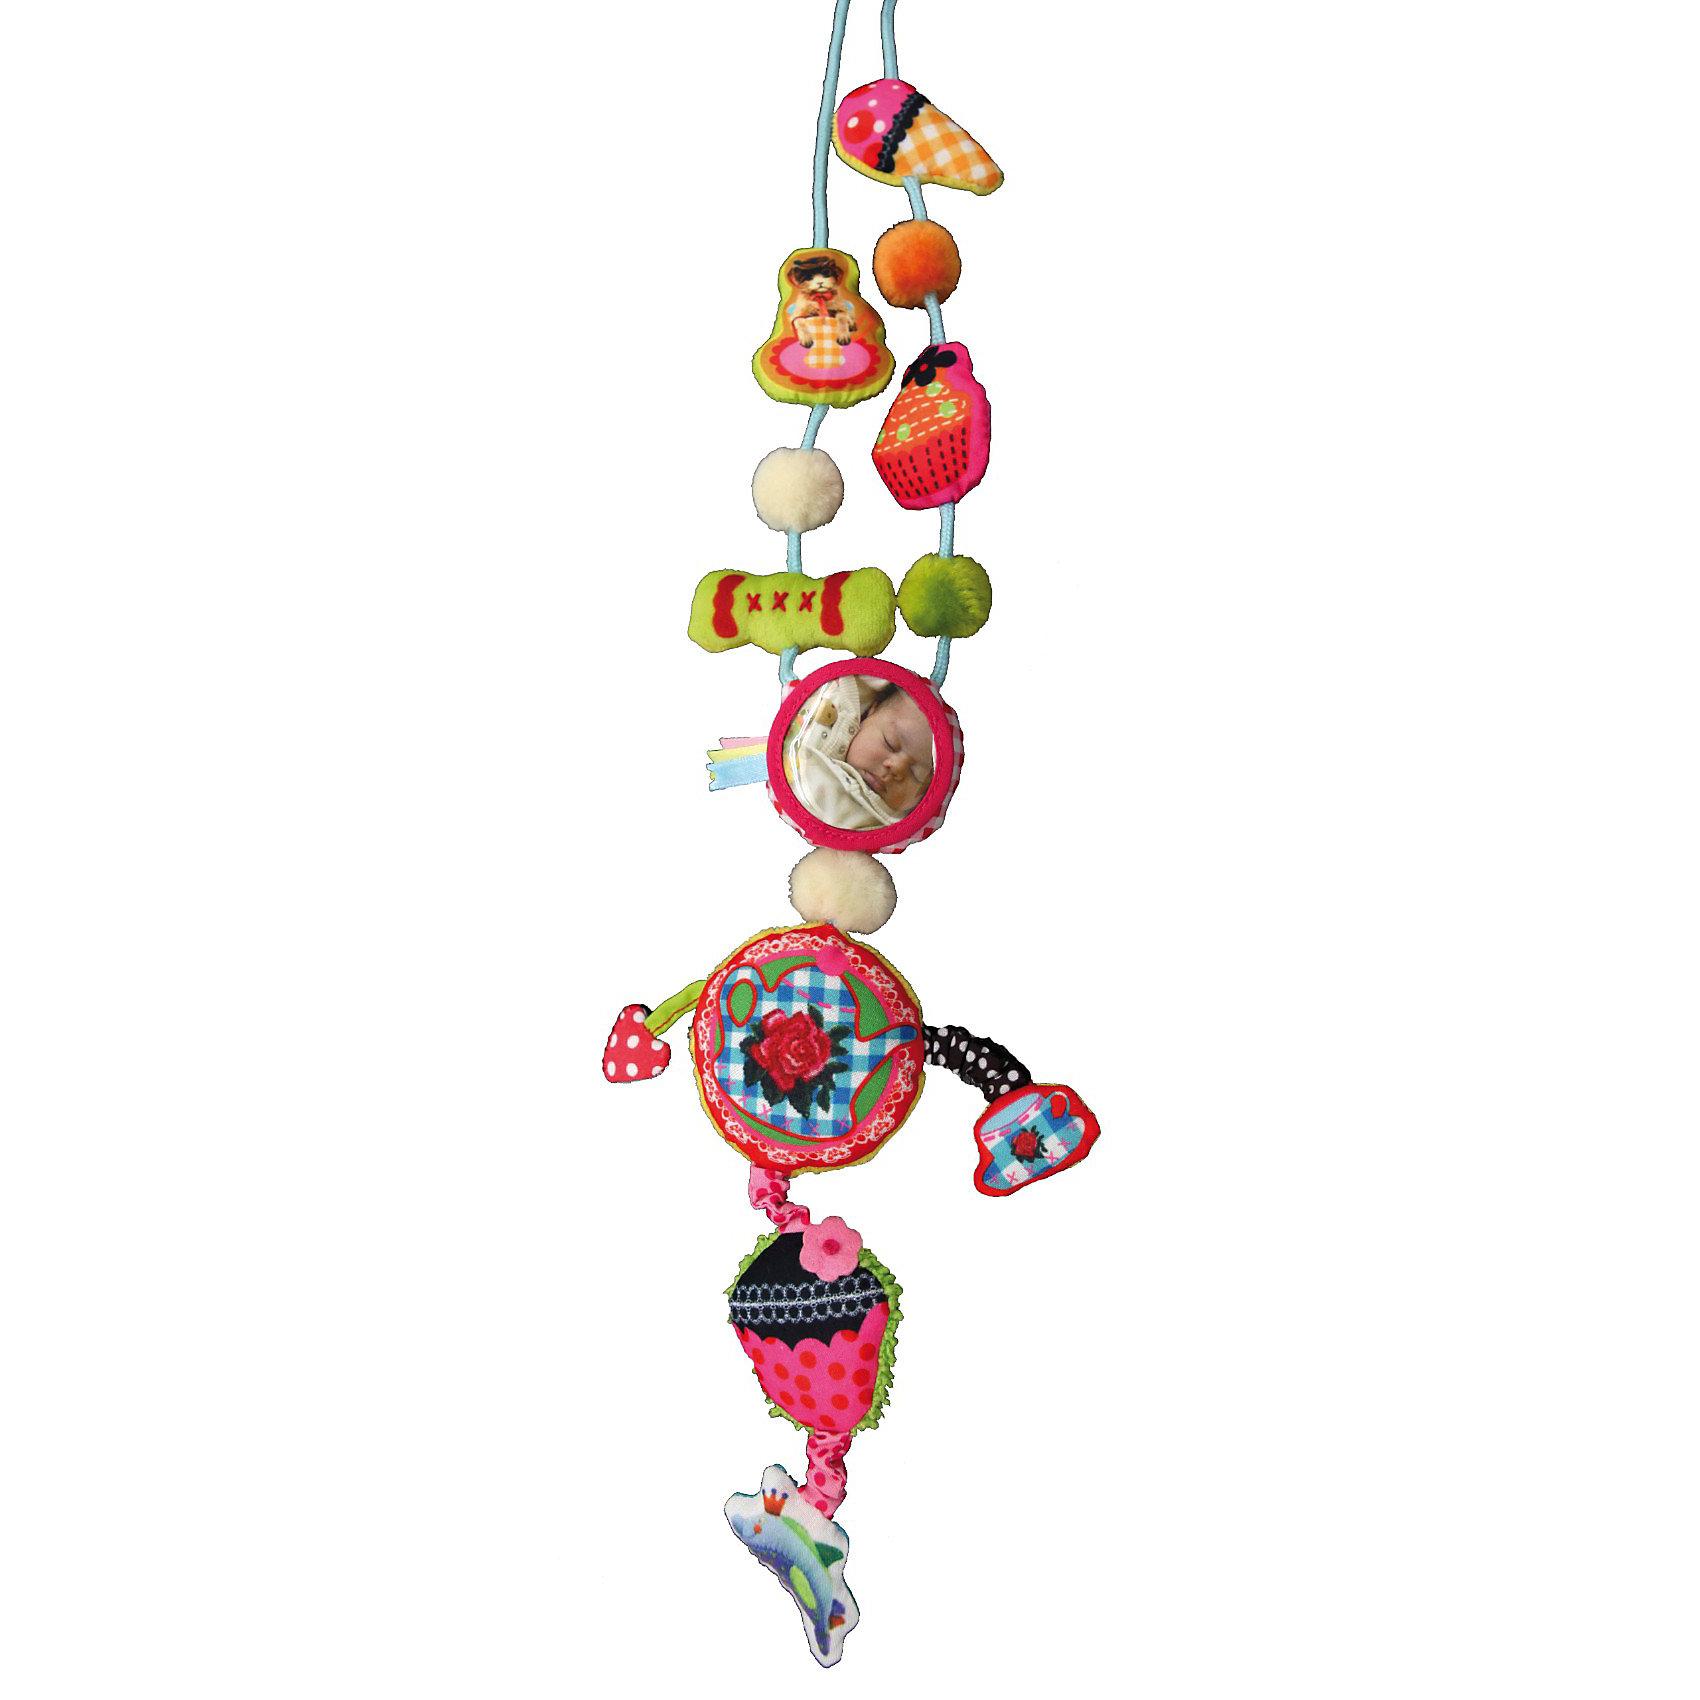 DUSHI Ожерелье Ностальгия коллекции Мама&amp;малышСтильное украшение - полезная игрушка облегчает непростые заботы мамы о малыше в различных ситуациях.<br><br>Отличное решение для любознательных ручек, которые всегда тянутся к дорогим маминым украшениям или родинке на шее!<br><br>Даже самый непоседливый кроха моментально увлечется игрой с нежными текстильными частями колье, различными полосочками и ярлычками, маленьким зеркальцем или мягкой звездочкой, которую так увлекательно щупать пальчиками.<br><br>Вместо того чтобы крошечные ручки теребили Ваши дорогие украшения, дизайнерские сережки или родинки на шее, добычей малыша станет специально созданное для развития детских пальчиков ожерелье из коллекции «Мама&amp;малыш». Любое колье этой серии  разработано прежде всего из соображений безопасности: мягкое, без жестких частей, острых краев и бусин, которые могут оторваться.<br><br>Яркие цвета, крупные образы, мягкая ткань и различные звуковые эффекты будут привлекать внимание ребенка в течение долгого времени. Больше никакого напряжения в ожидании приема у доктора или смущения в очереди в супермаркете. Кроме того ожерелье выглядит так стильно и привлекательно, что даже самые модные мамы захотят иметь такое! Что говорить о маленьких красотках, которые всегда подражают своей маме и желают быть такой же модной и красивой, как она?<br><br>А ваши друзья, у которых есть активный и любознательный малыш, будут очень рады такому оригинальному и нужному подарку!<br><br>Дополнительная информация:<br><br>Носить такое колье могут все: оно имеет безопасную застежку специальной конструкции.<br>Для использования с рождения (надевать на шею взрослому)<br>Все изделия от DUSHI соответствуют последним требованиям безопасности Европейского сообщества и нормативов EN71 в отношении детских товаров.<br><br>Ширина мм: 280<br>Глубина мм: 180<br>Высота мм: 25<br>Вес г: 110<br>Возраст от месяцев: 0<br>Возраст до месяцев: 36<br>Пол: Унисекс<br>Возраст: Детский<br>SKU: 3193330